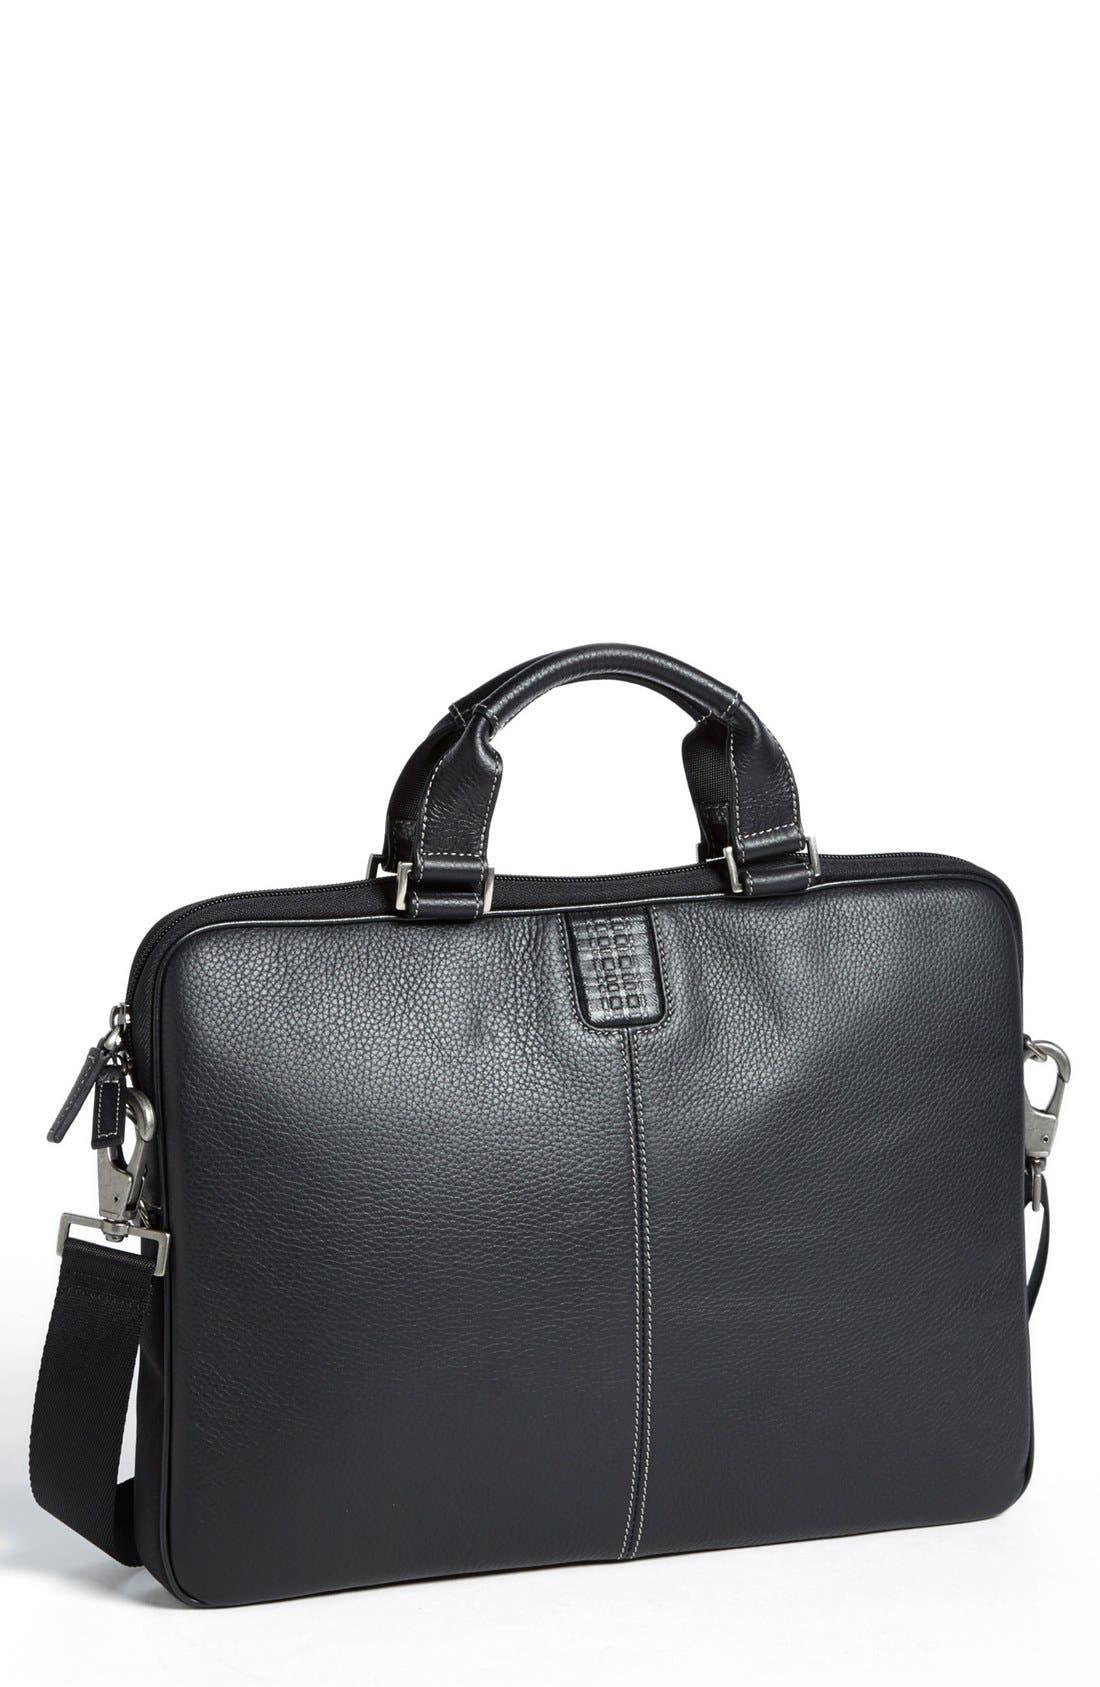 BOCONI, 'Tyler' Leather Laptop Briefcase, Main thumbnail 1, color, BLACK/ KHAKI